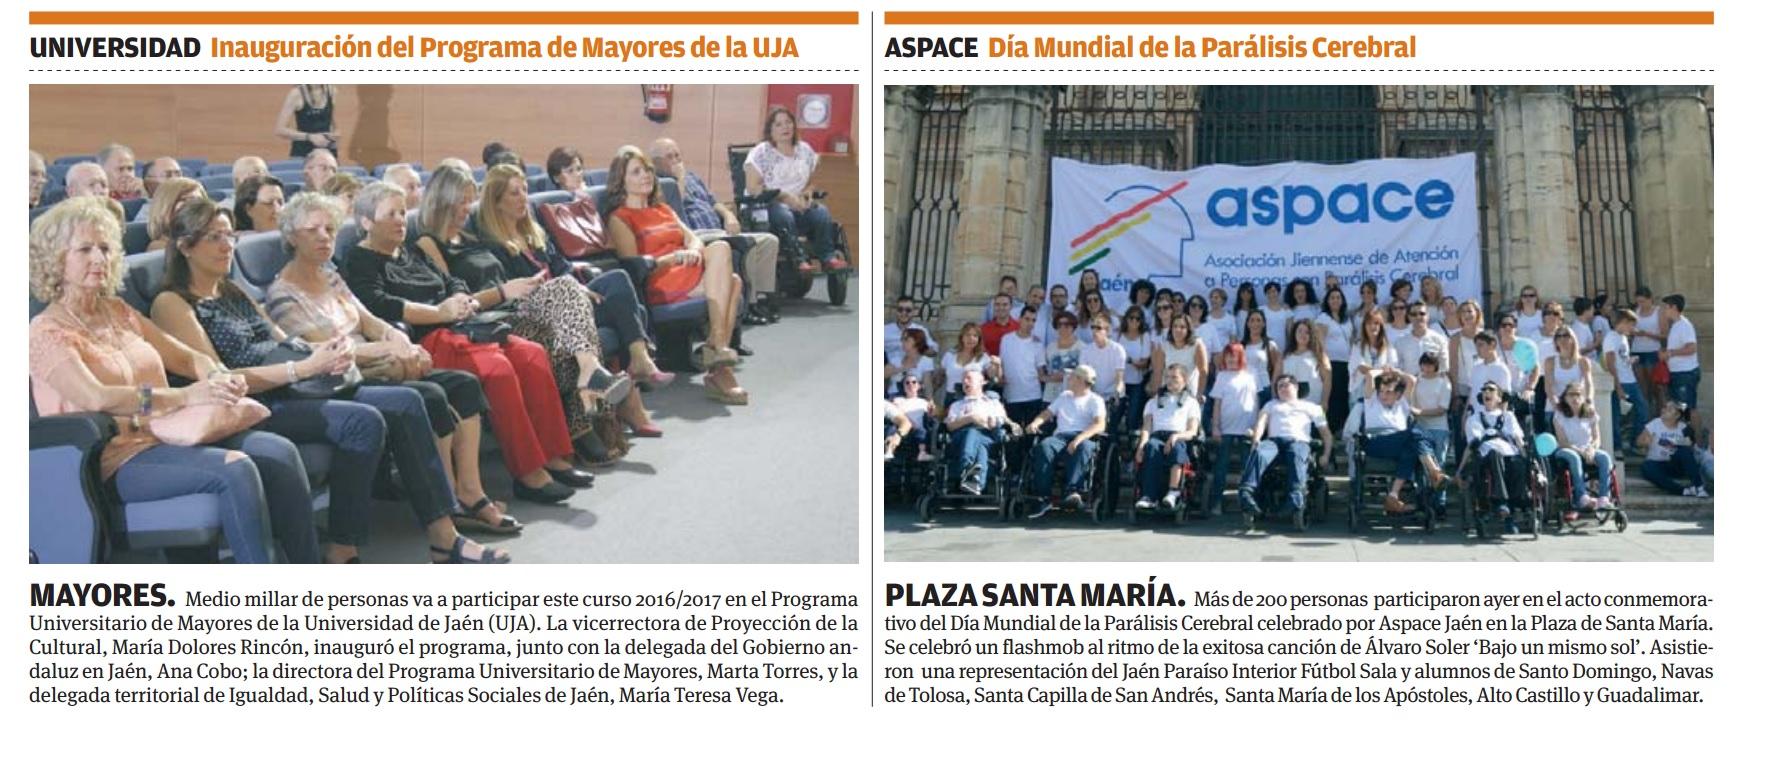 Noticia en Viva Jaén con motivo del Día Mundial de la Parálisis Cerebral